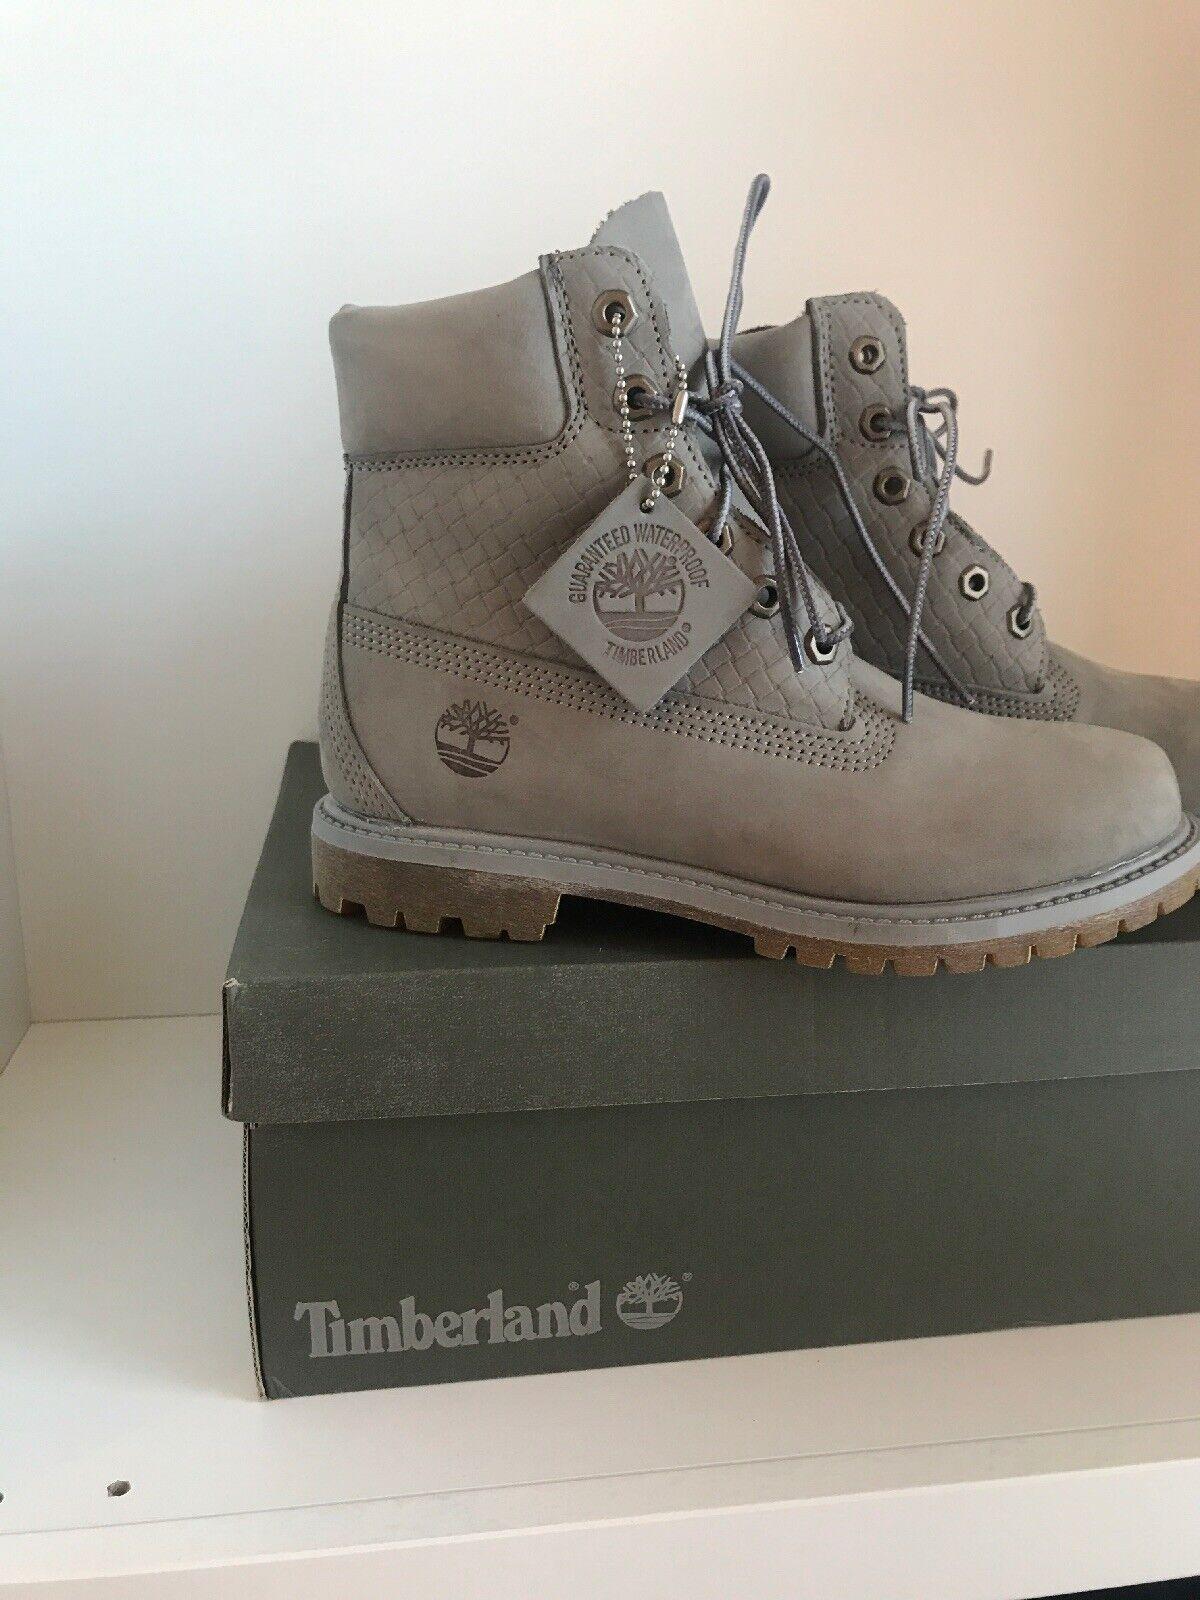 Timberland Timberland Timberland Stiefel Stiefel Gr 38 Grau Neu 73bdbc